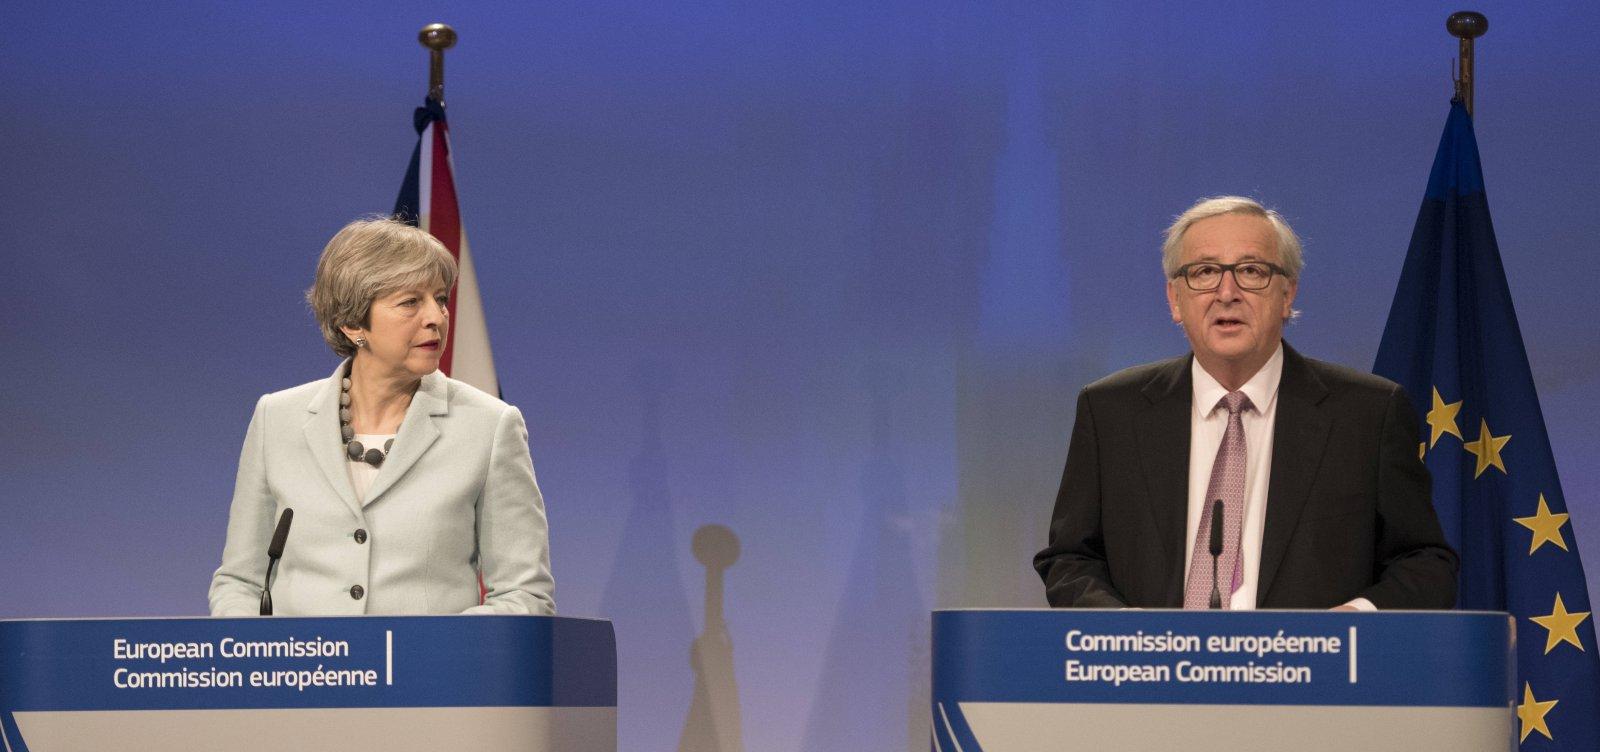 União Europeia e o Reino Unido chegam a acordo sobre Brexit